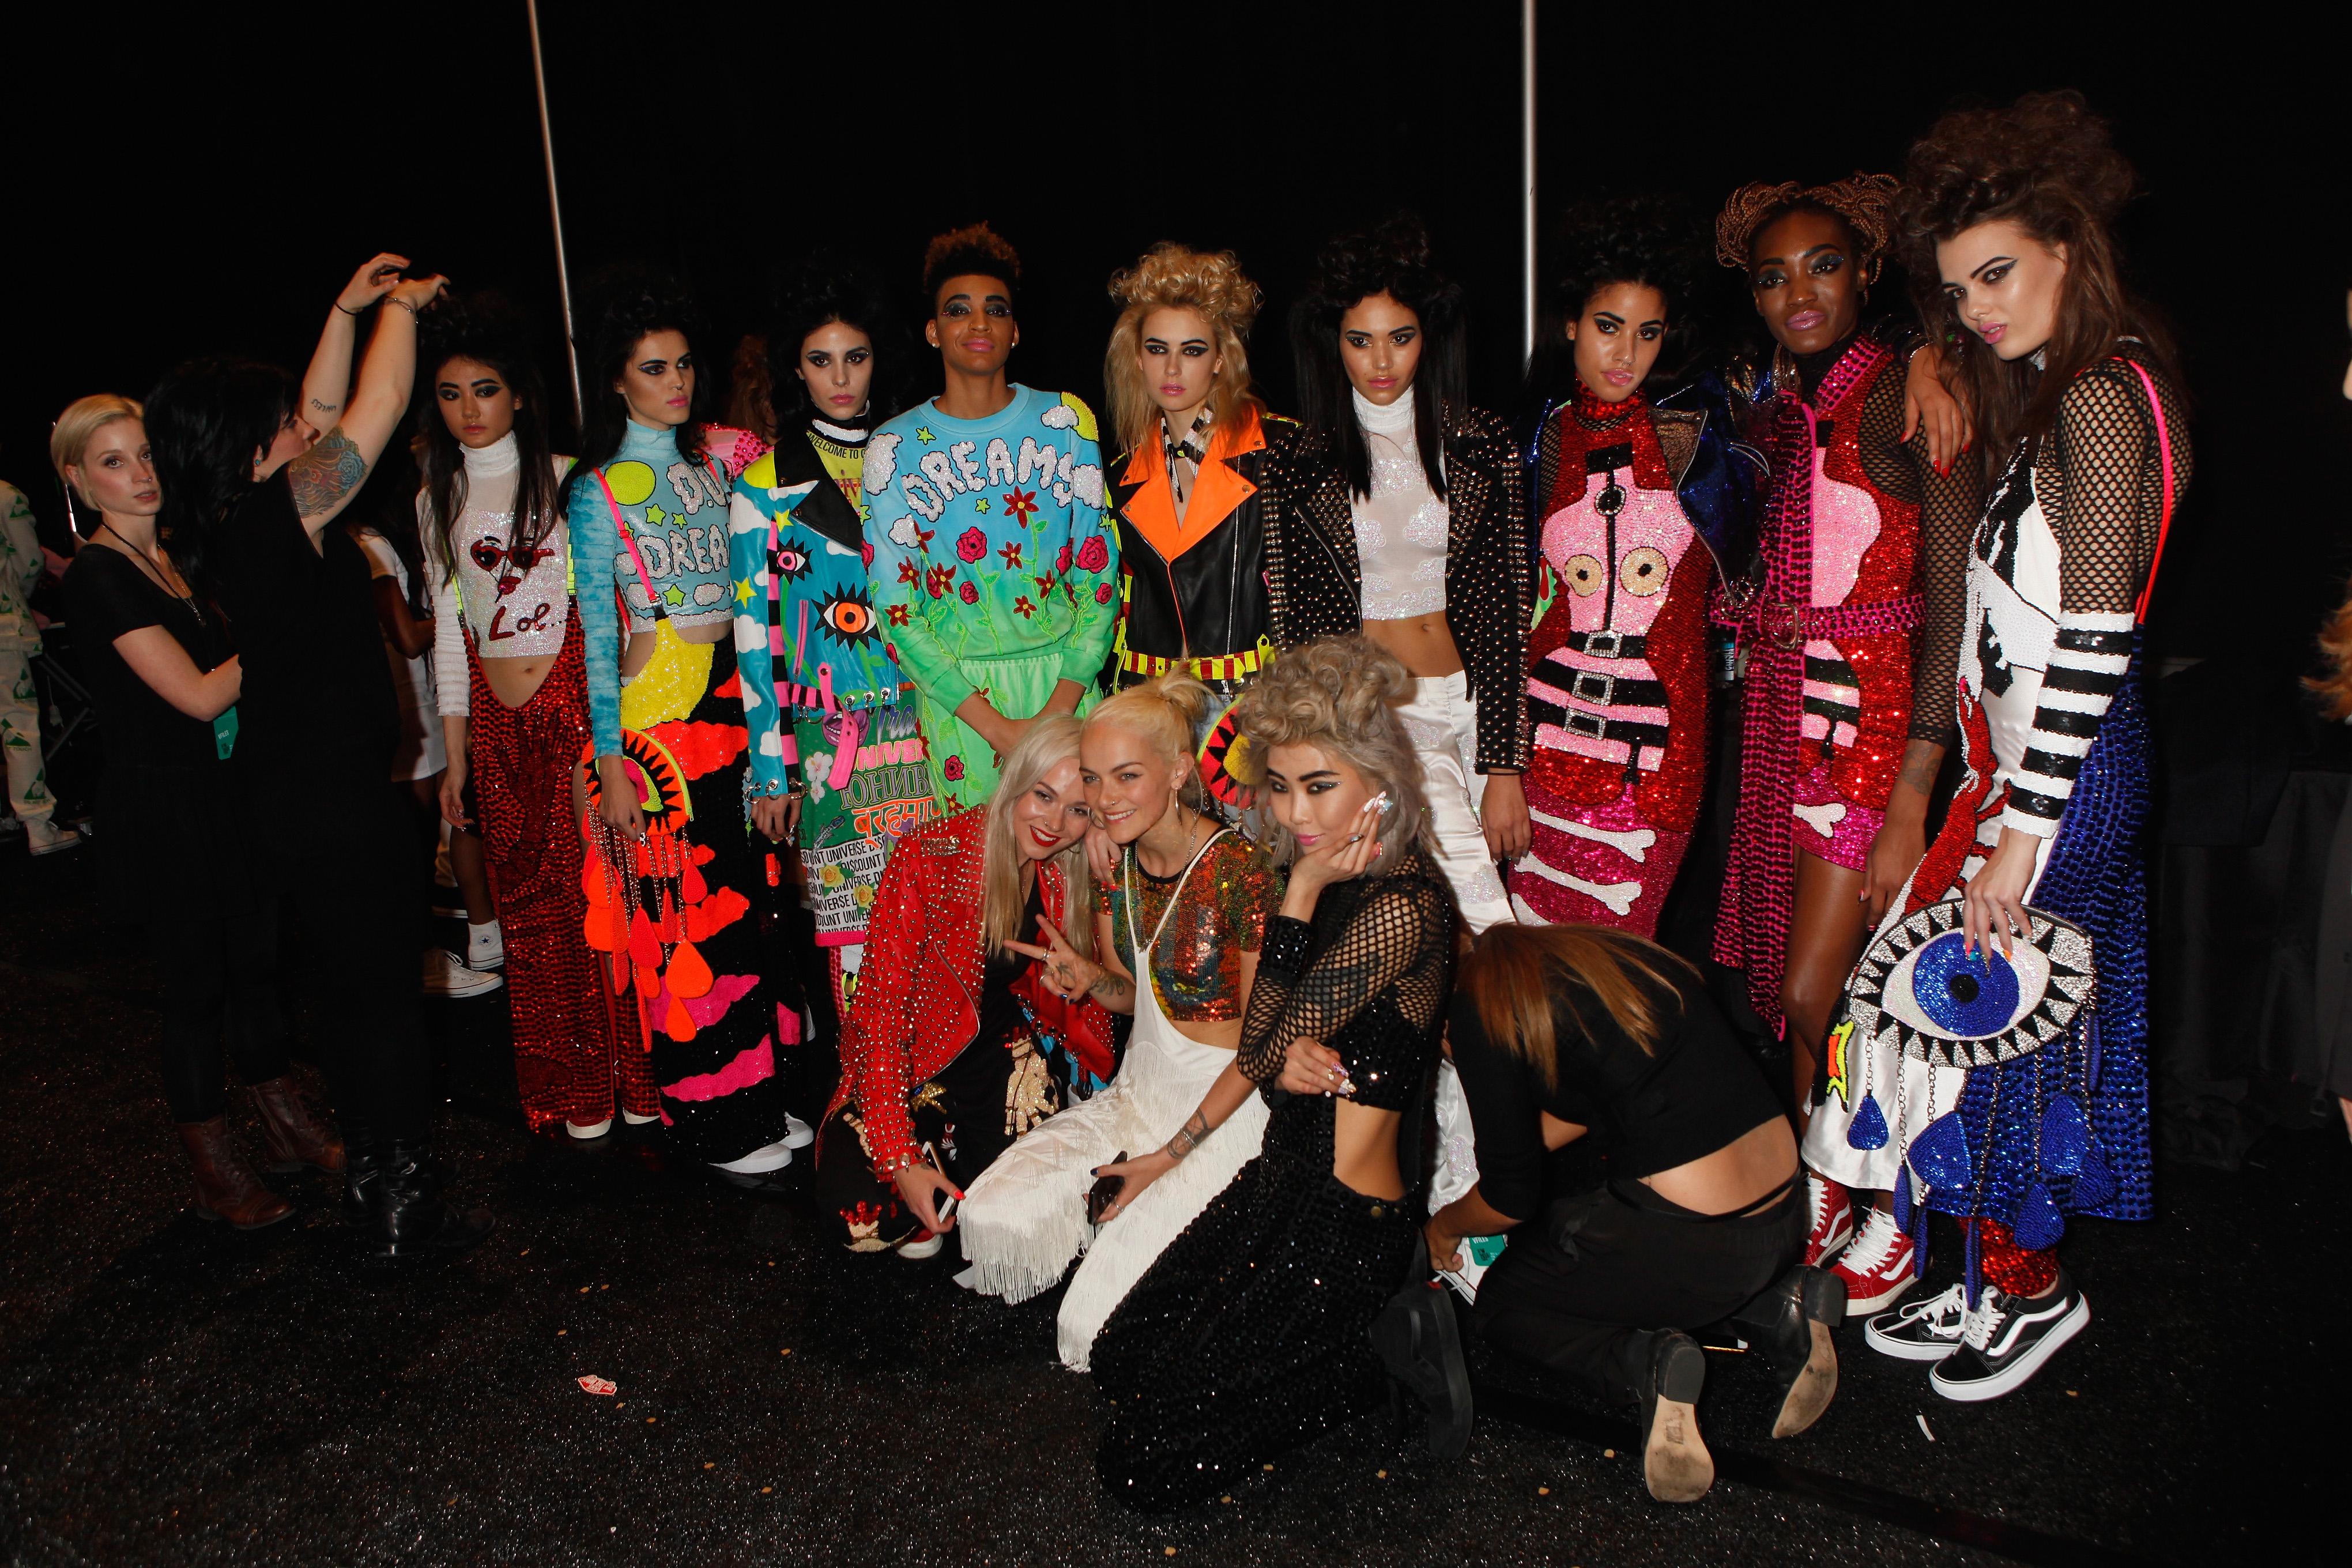 Backstage at Vfiles' fall 2015 runway show.